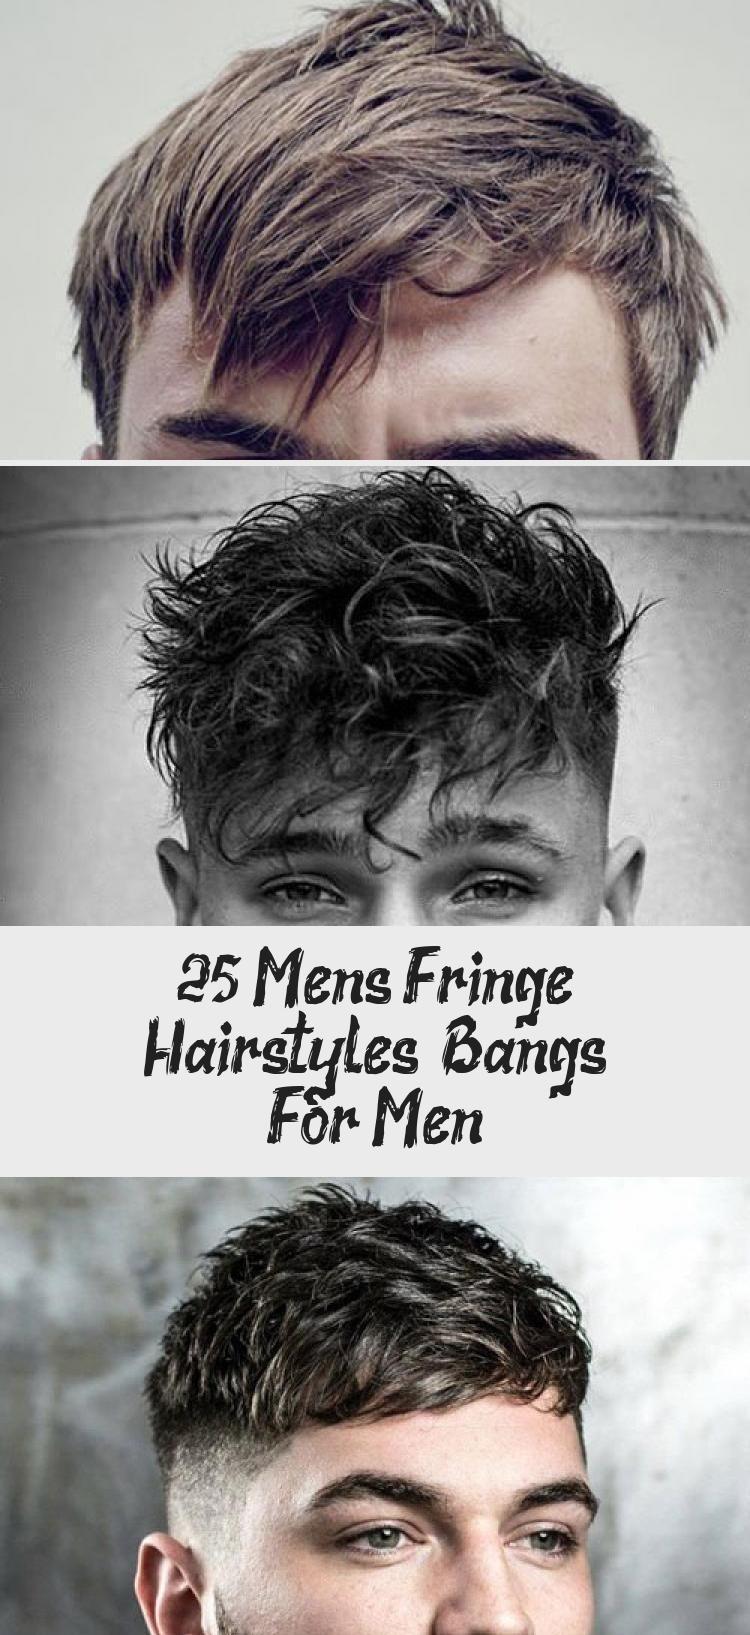 25 Fringe Haarstijlen Voor Mannen Pony Voor Mannen Kapsel Haarstijl Voor Mannen Haarstijlen Kapsels